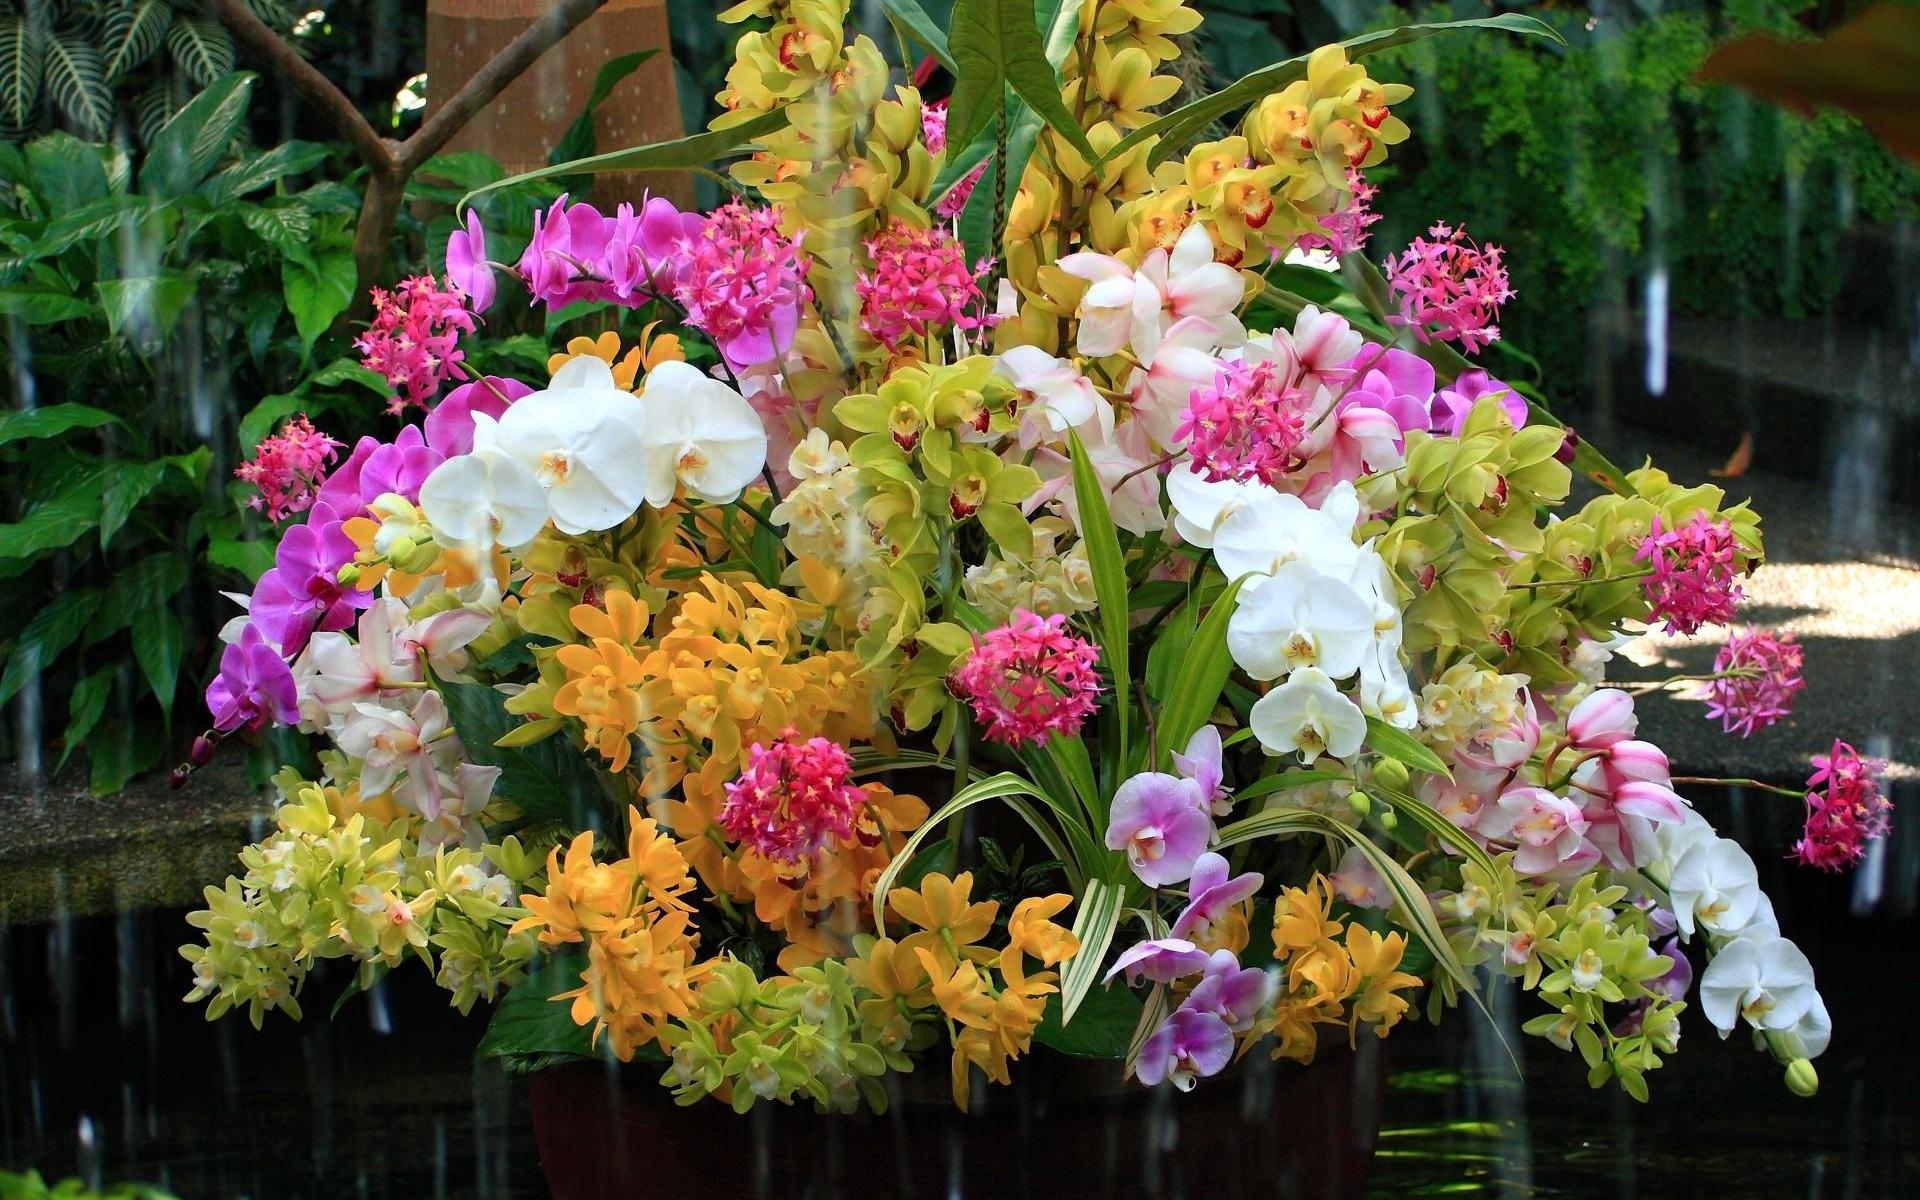 orhidei_cvety_buket_voda_ekzotika_45696_1920x1200.jpg